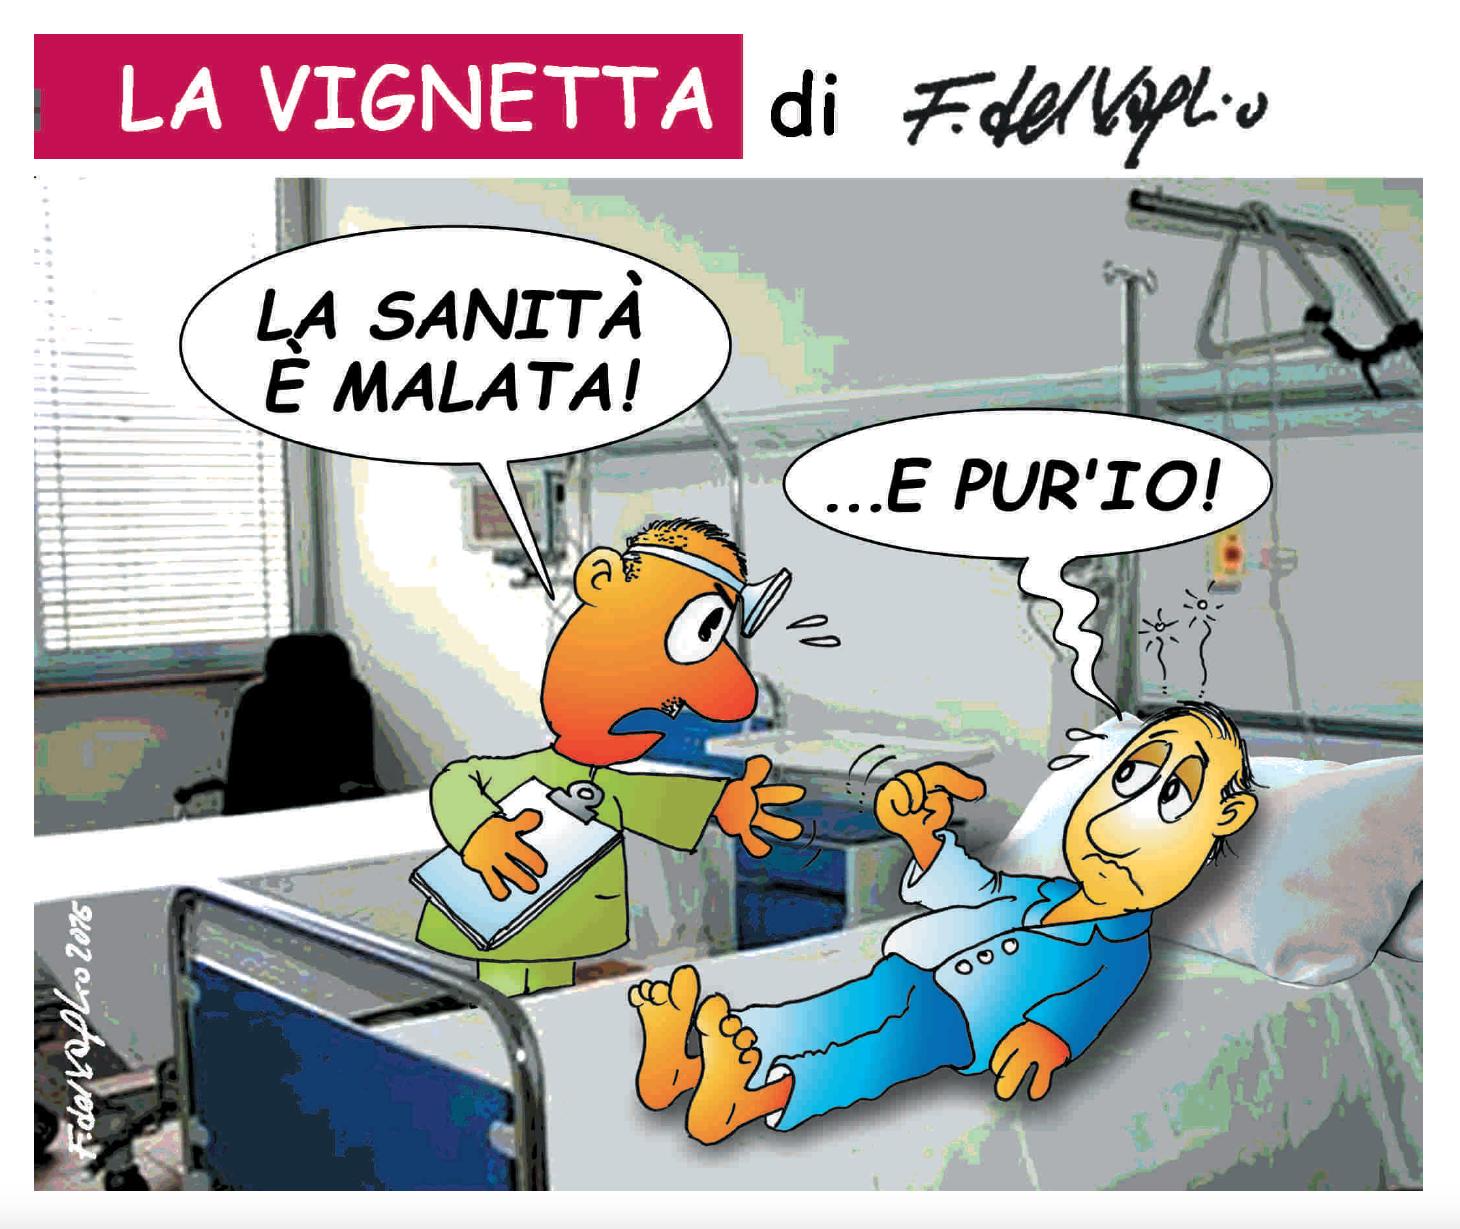 LA VIGNETTA DI FRANCESCO DEL VAGLIO PER VOMERO MAGAZINE